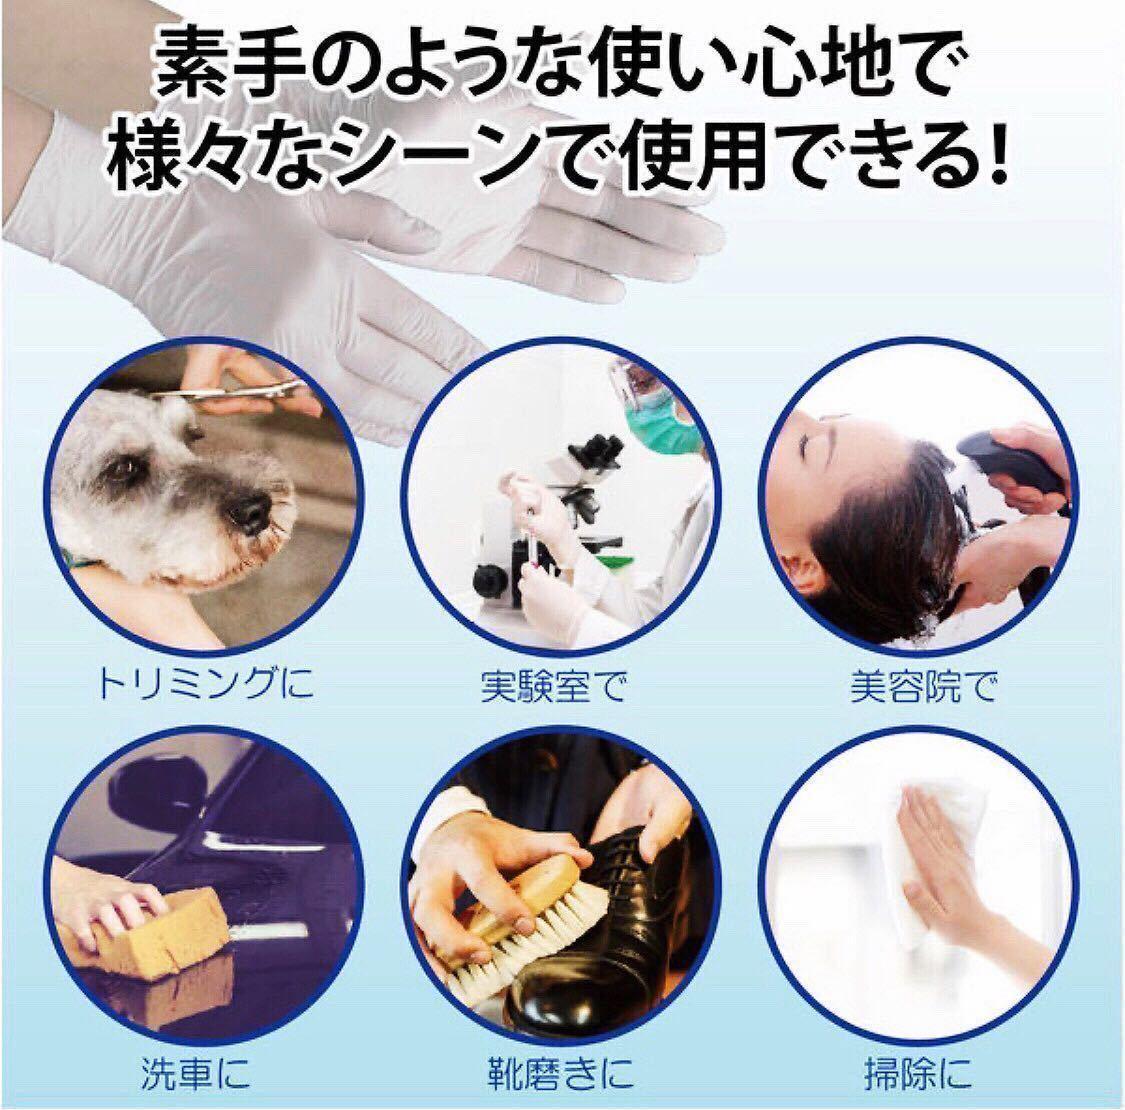 高品質 使い捨て手袋 ニトリル手袋 ゴム手袋 ニトリル ss ゴム手袋 使い捨て 手袋 使い切り グローブ SS ニトリルグローブ 1箱_画像3